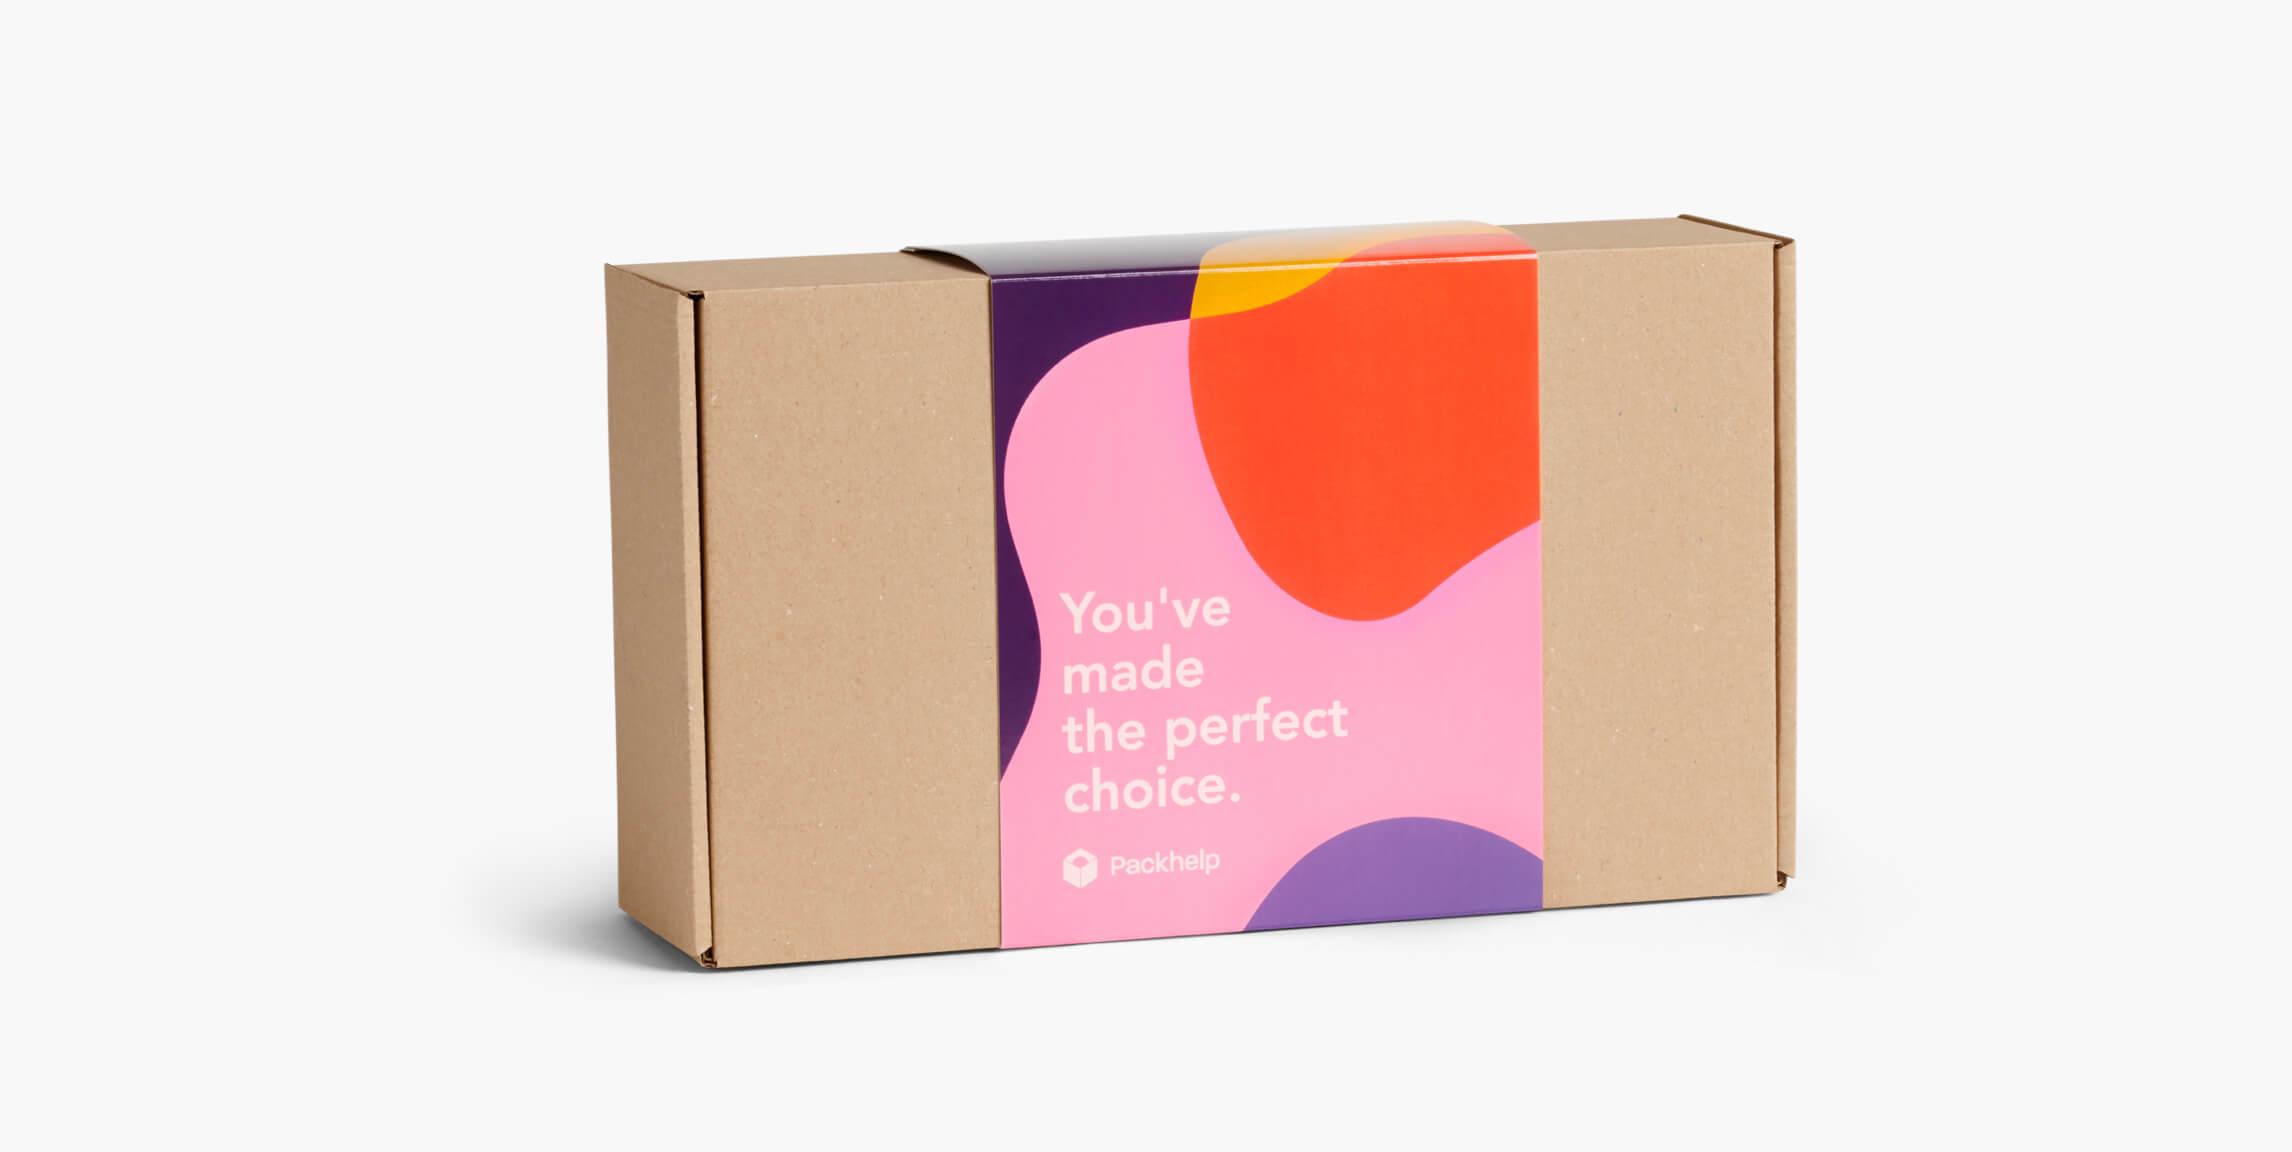 Versandschachteln mit Banderole - individuellen Verpackungen - Packhelp